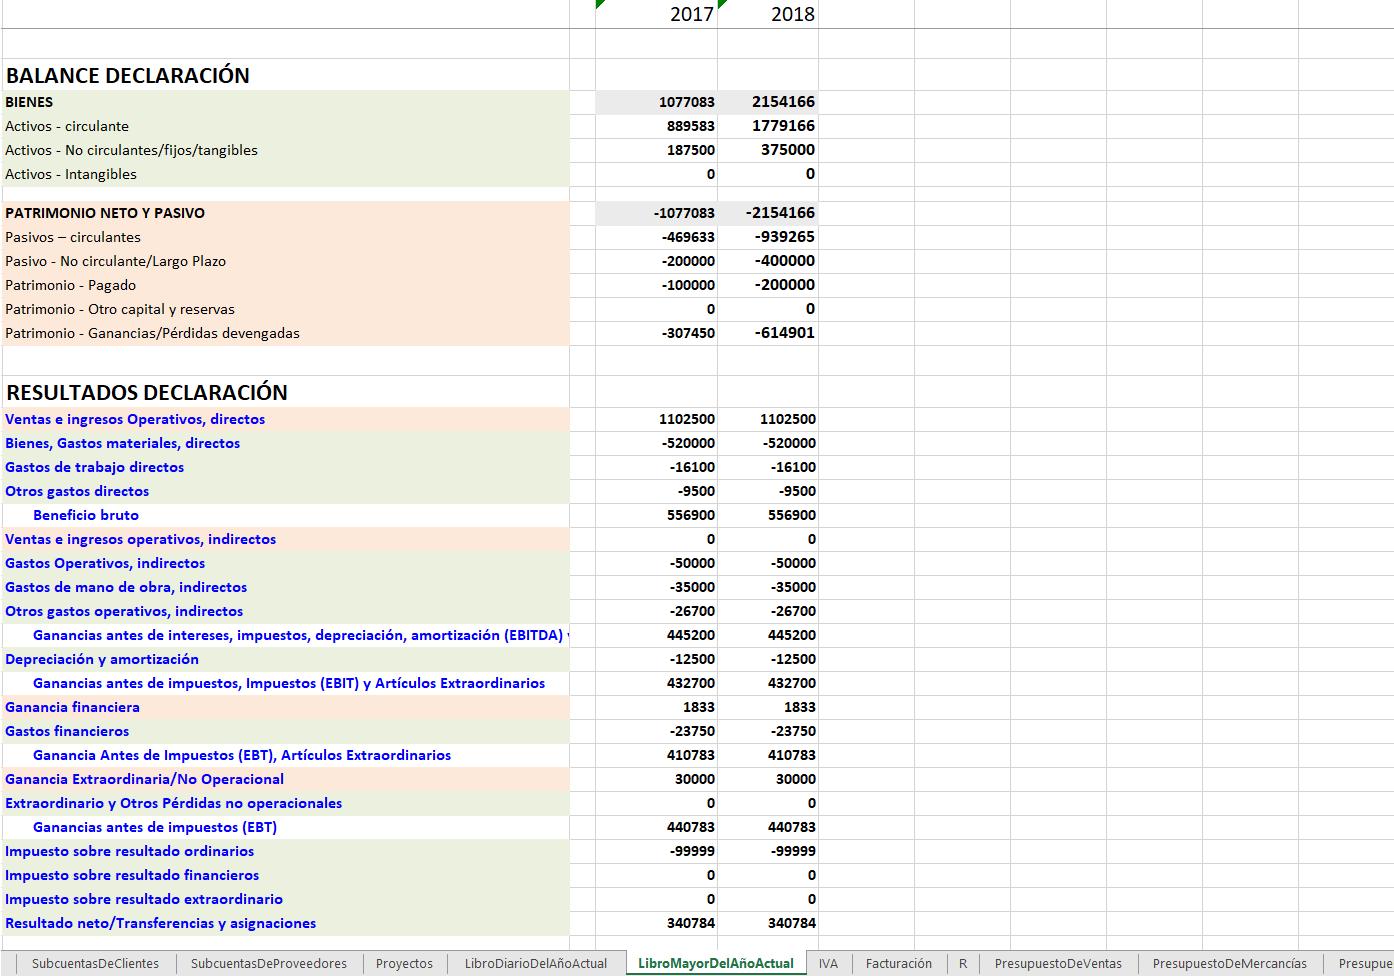 1542636971_es38a__Balance_y_Resultados_Declaración__fin_de_año_Financiero__Excel-Accounting-Budget-Analysis.com__2018-11-18.png